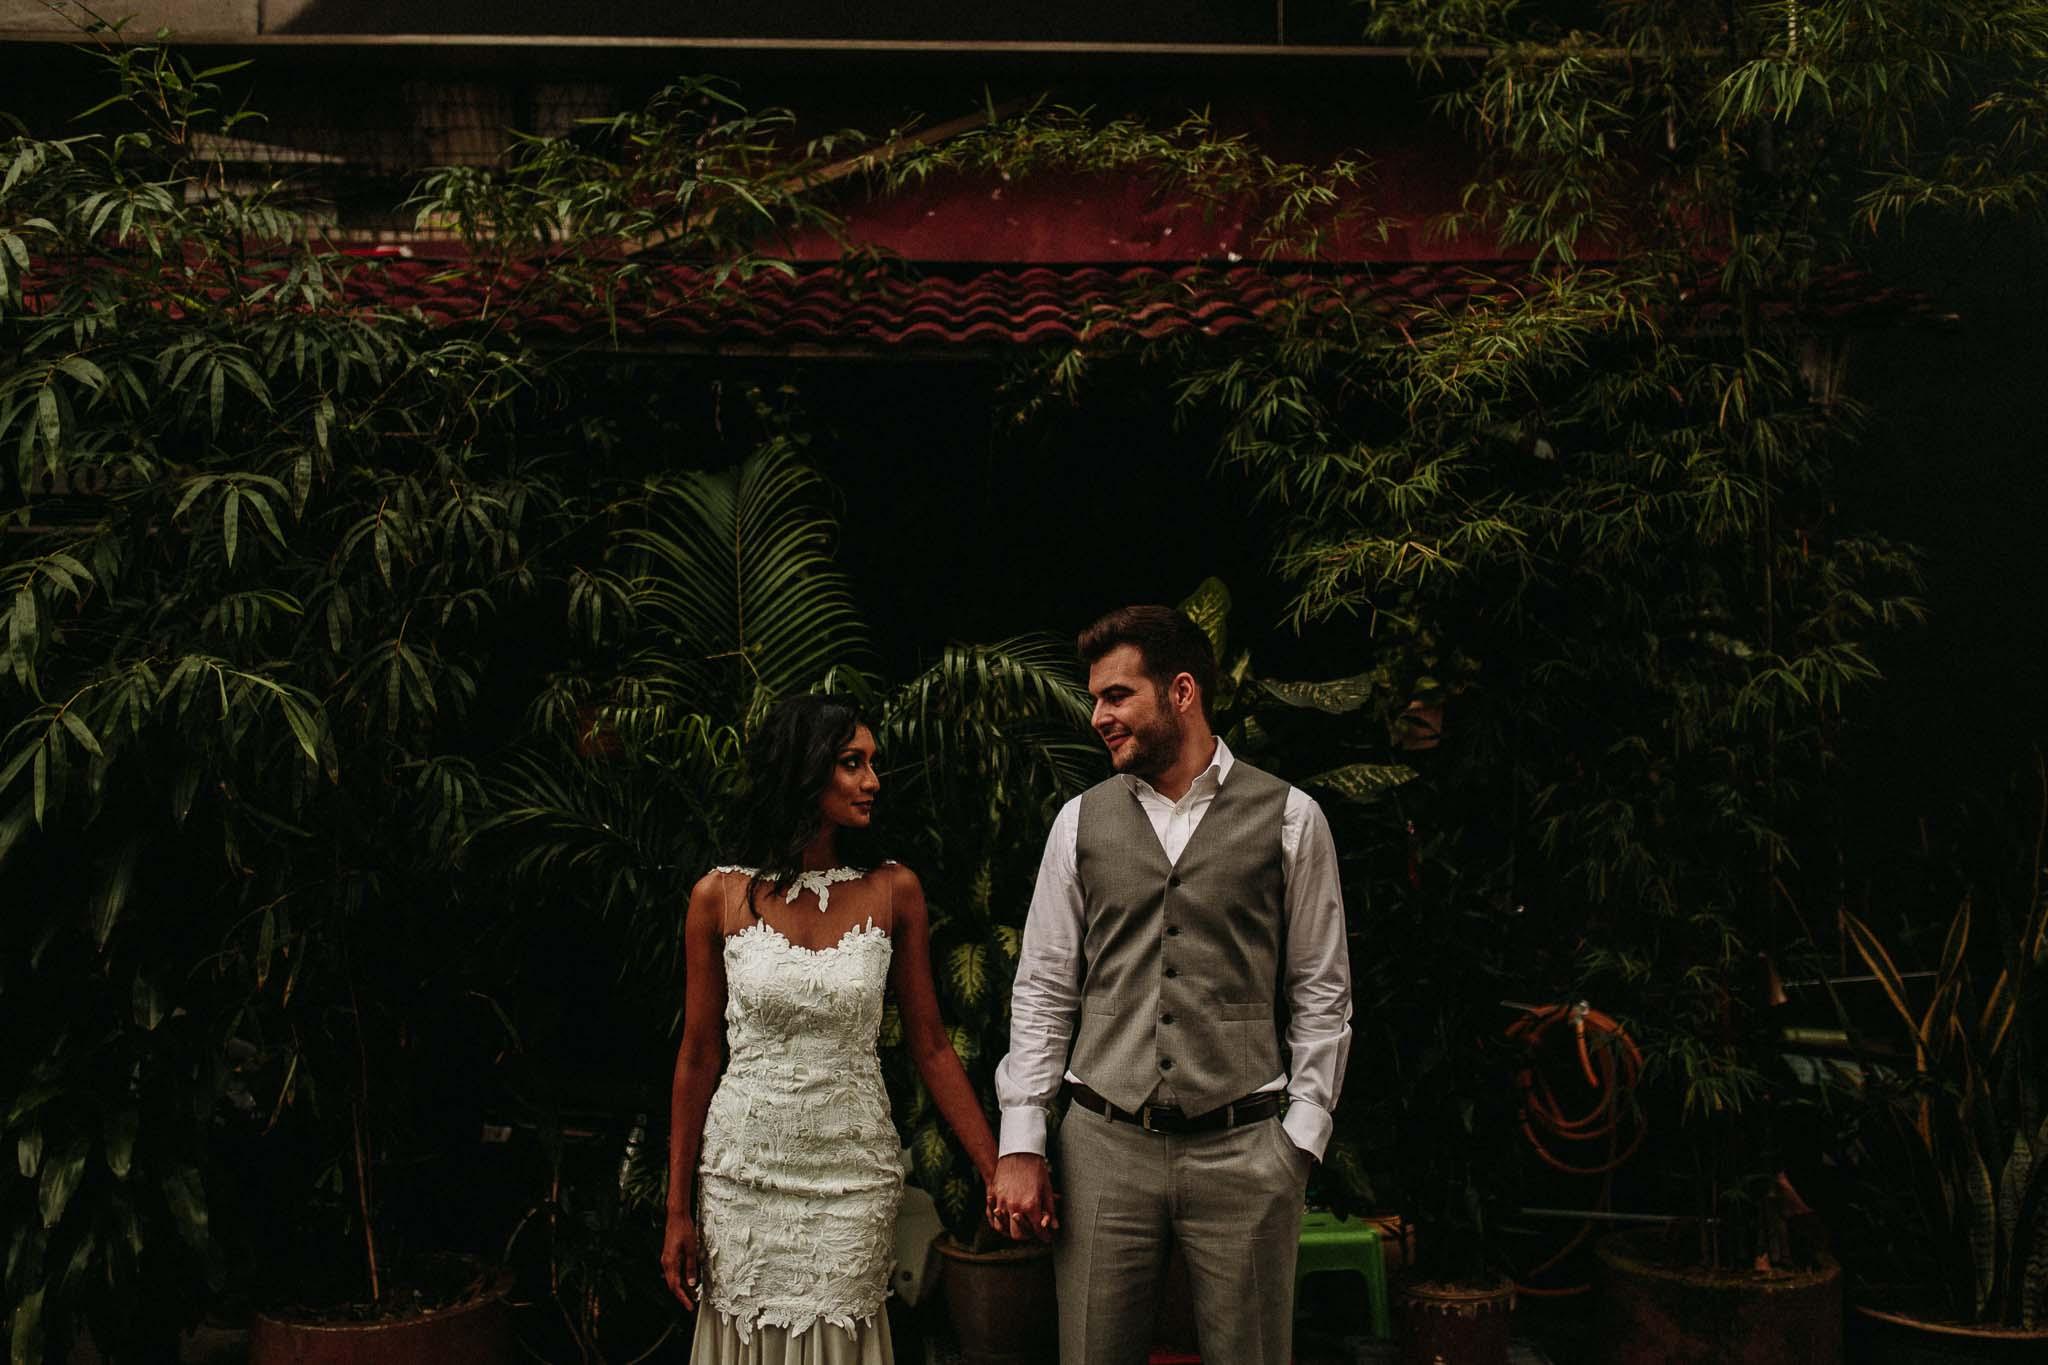 u&m-weddingsbyqay-lovesession-destinationweddingphotographer (107 of 160).jpg